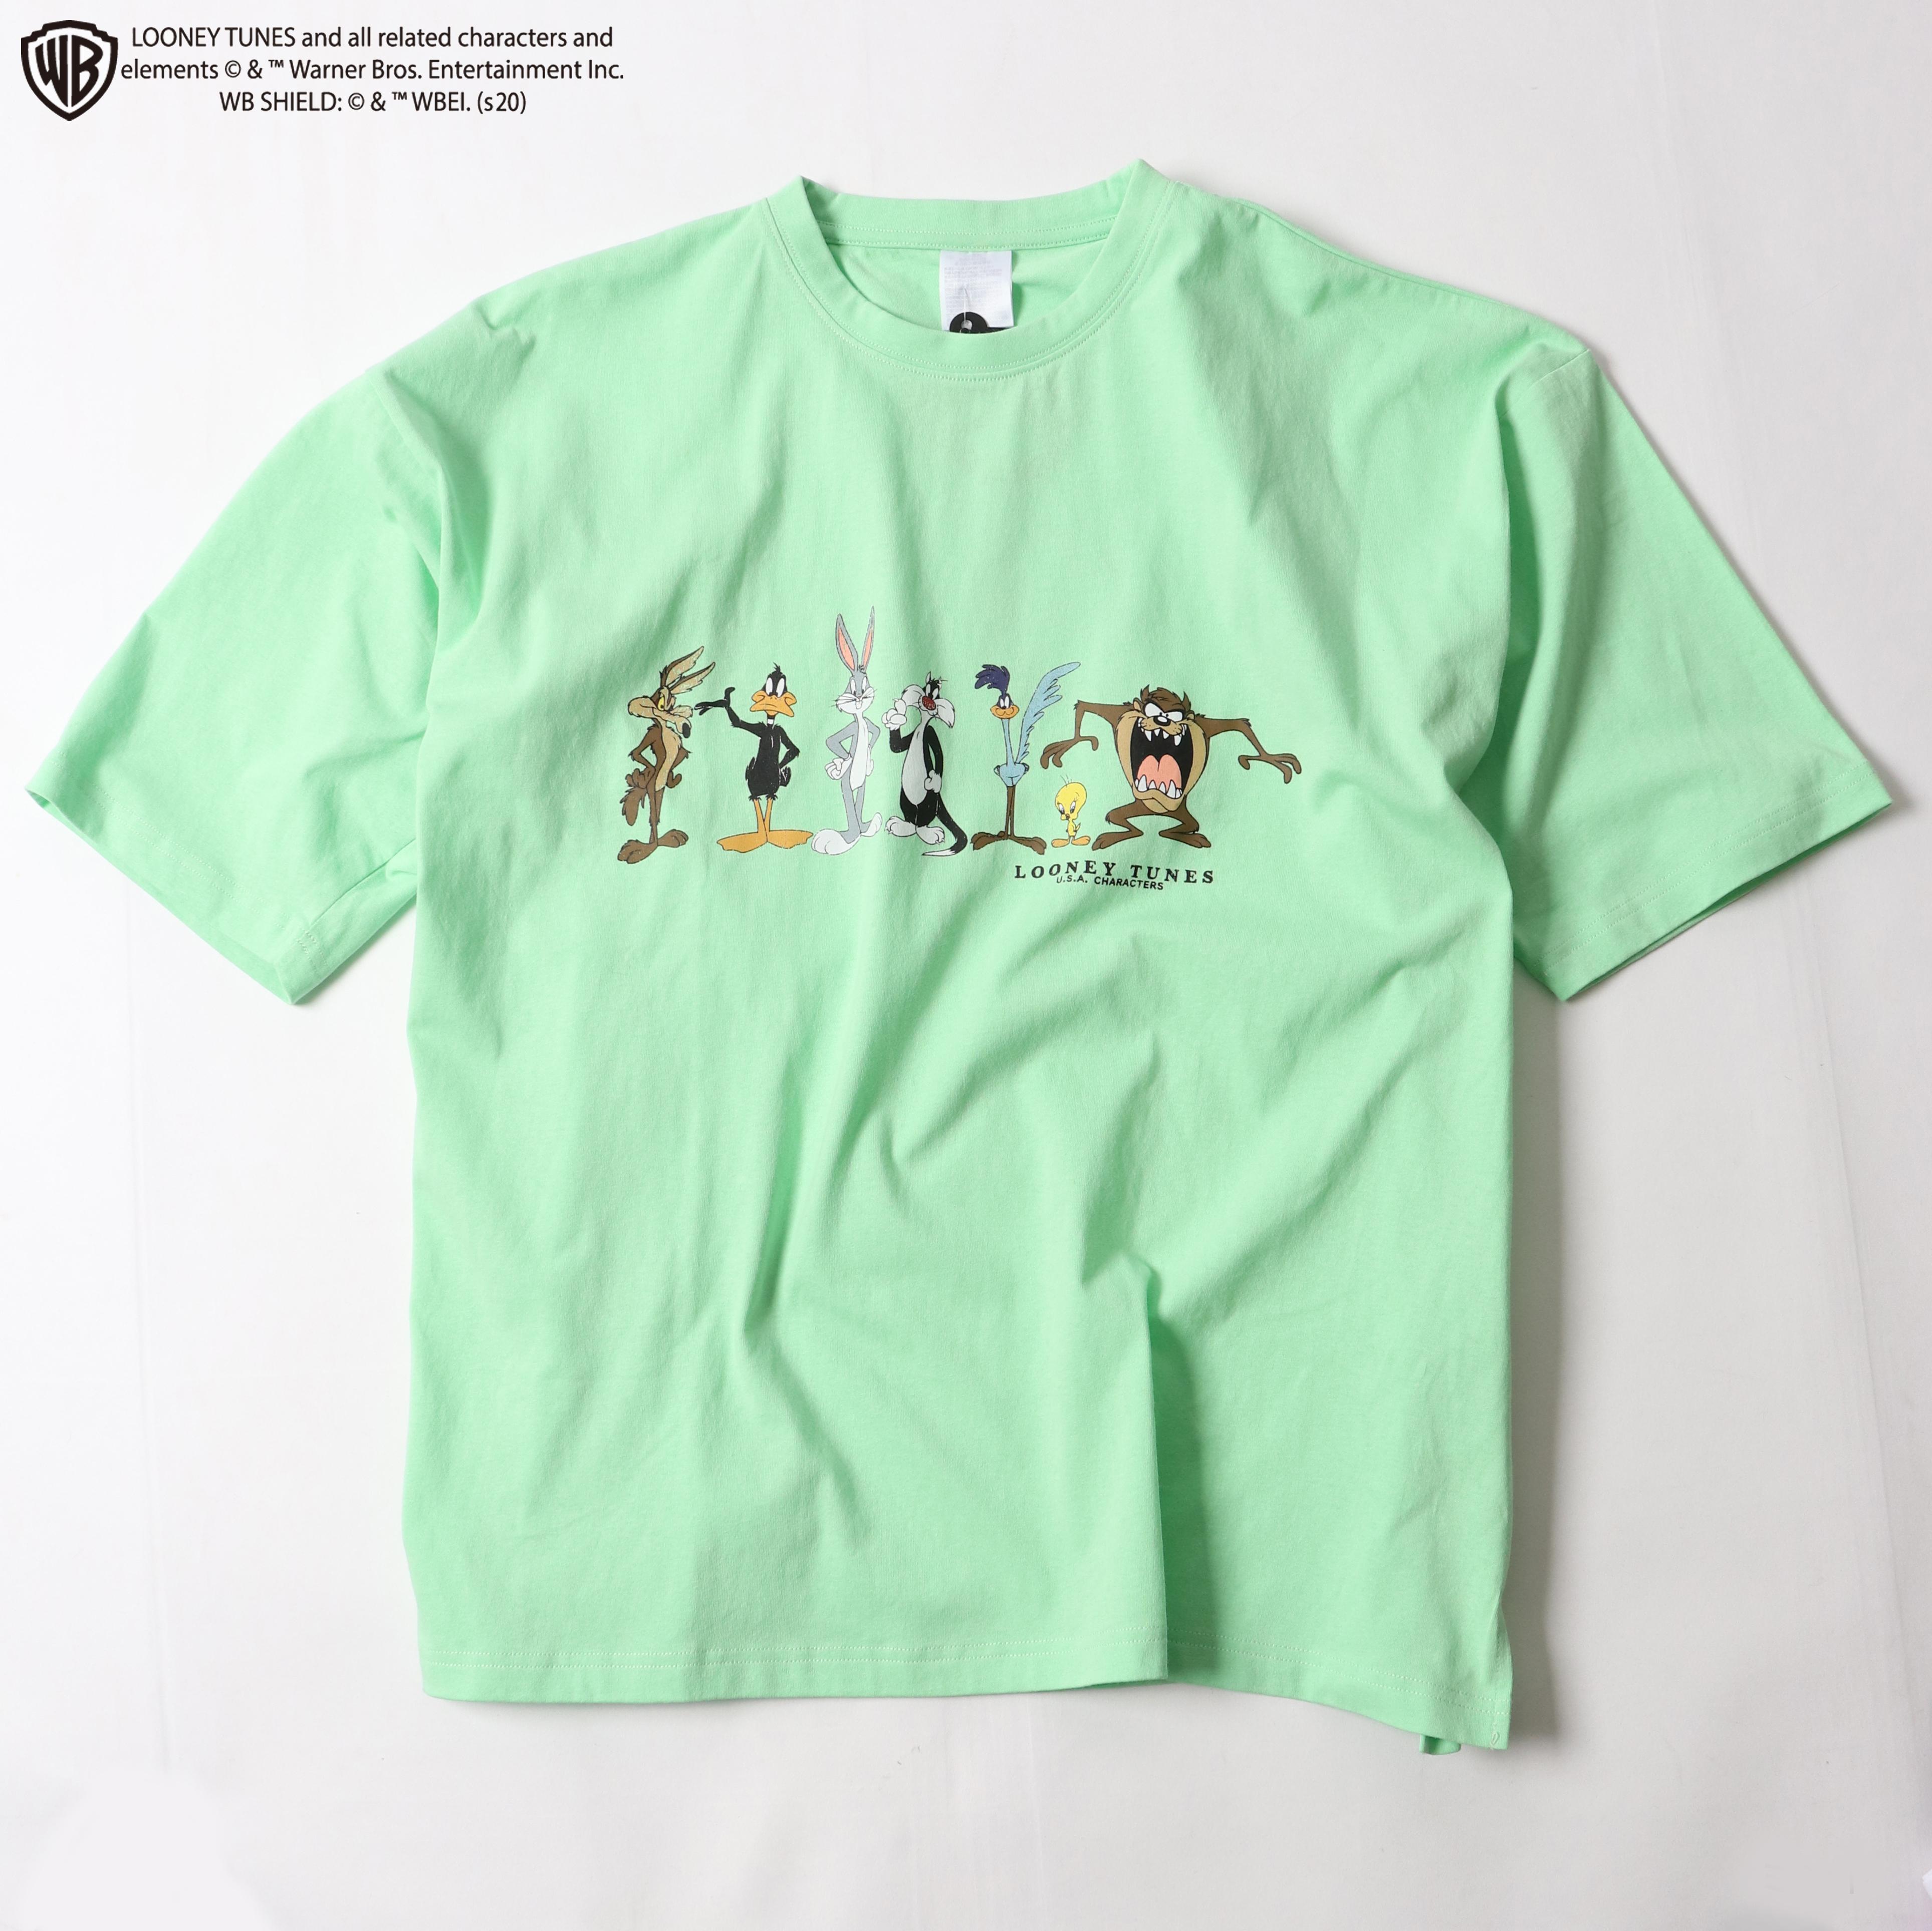 両面プリントオーバーシルエットTシャツ【ルーニーテューンズ】 NO0530121